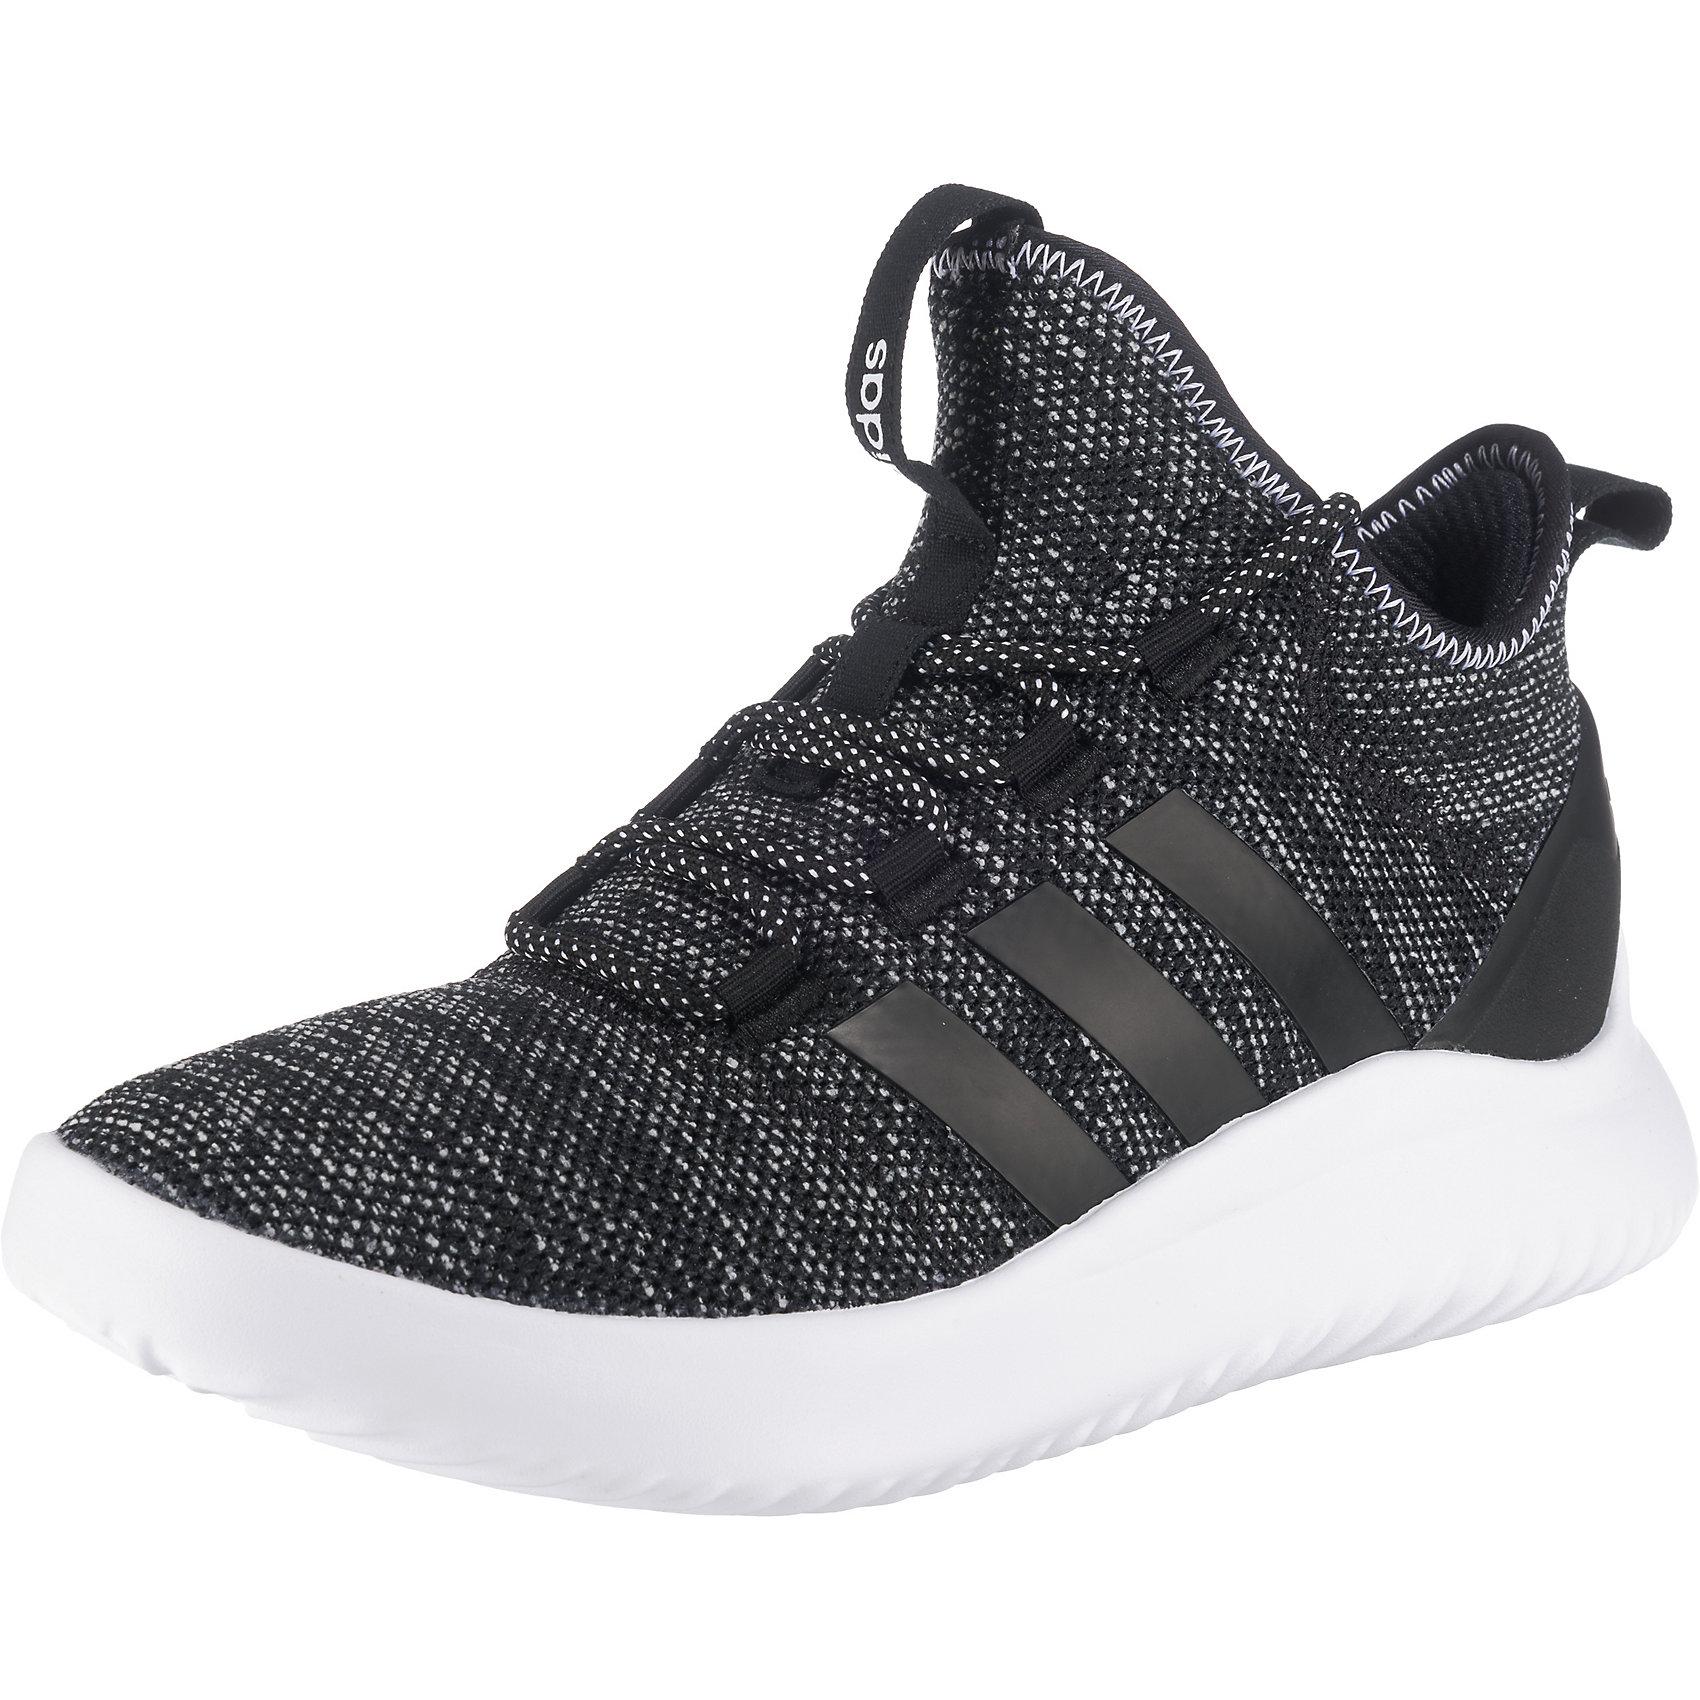 Neu Bball adidas Sport Inspired Ultimate Bball Neu Sneakers 7491063 für Herren 6348a9